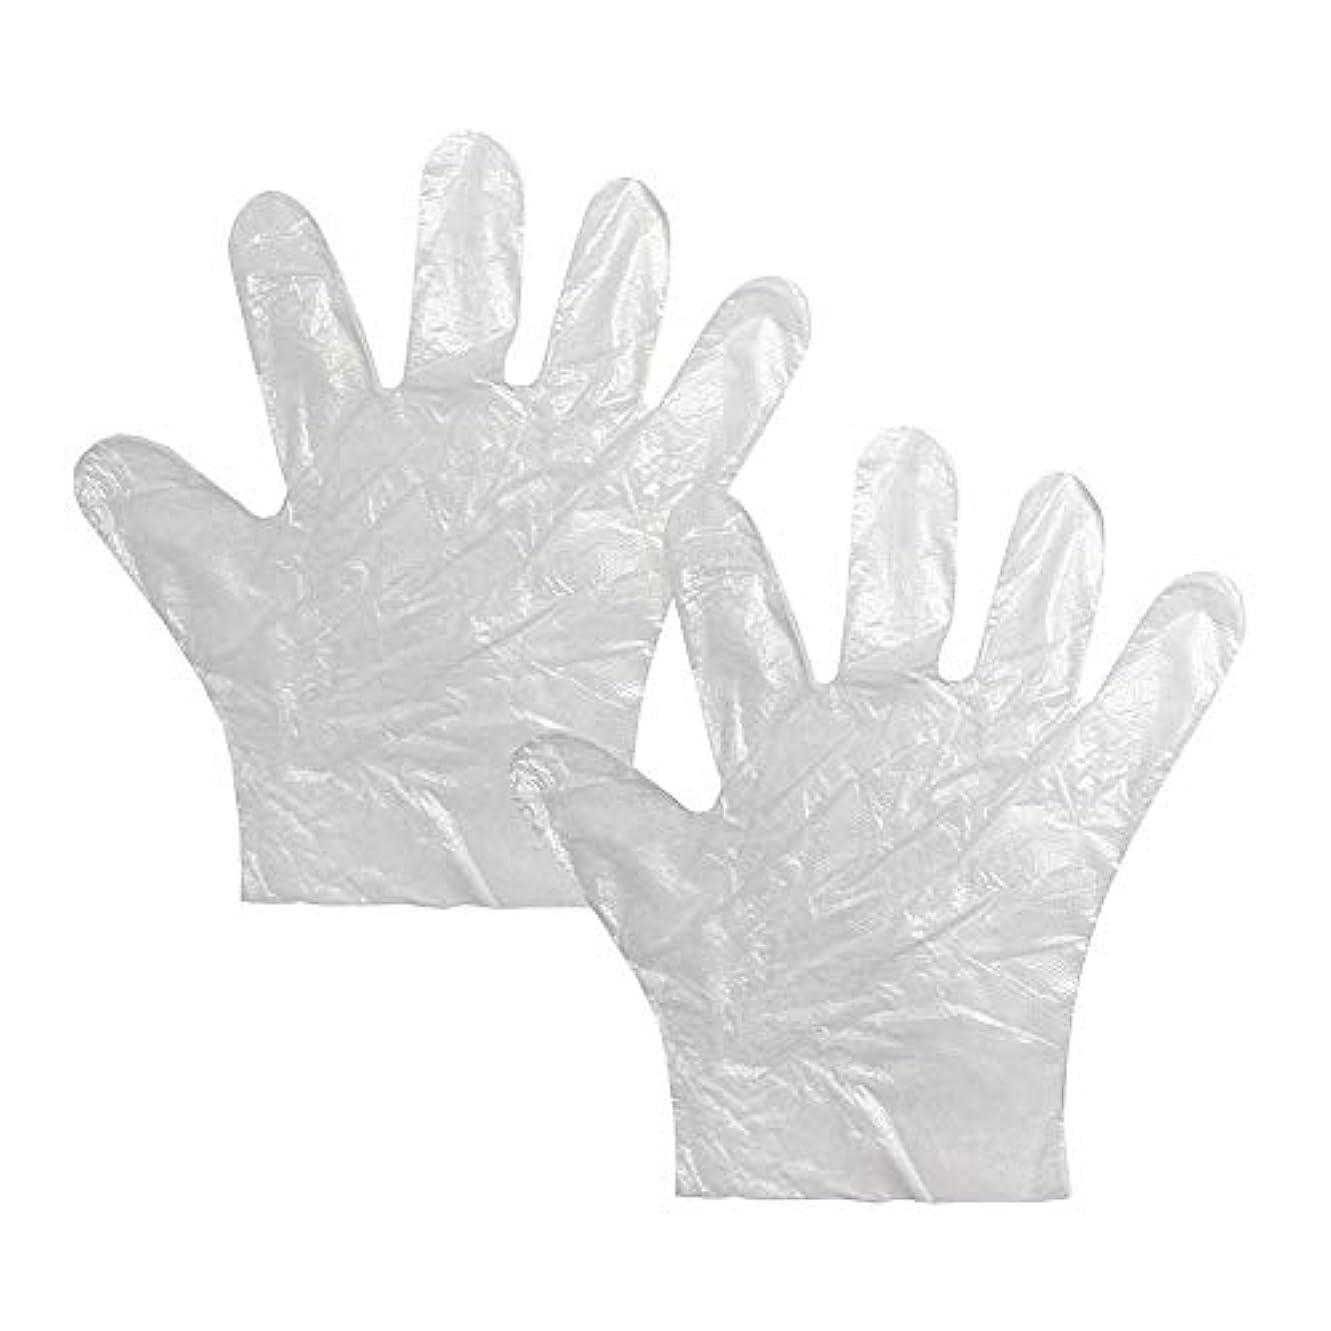 バーチャル結果終わりKUKUYA(ククヤ) 使い捨て手袋 極薄ビニール手袋 ポリエチレン 透明 実用 衛生 100枚*2セット